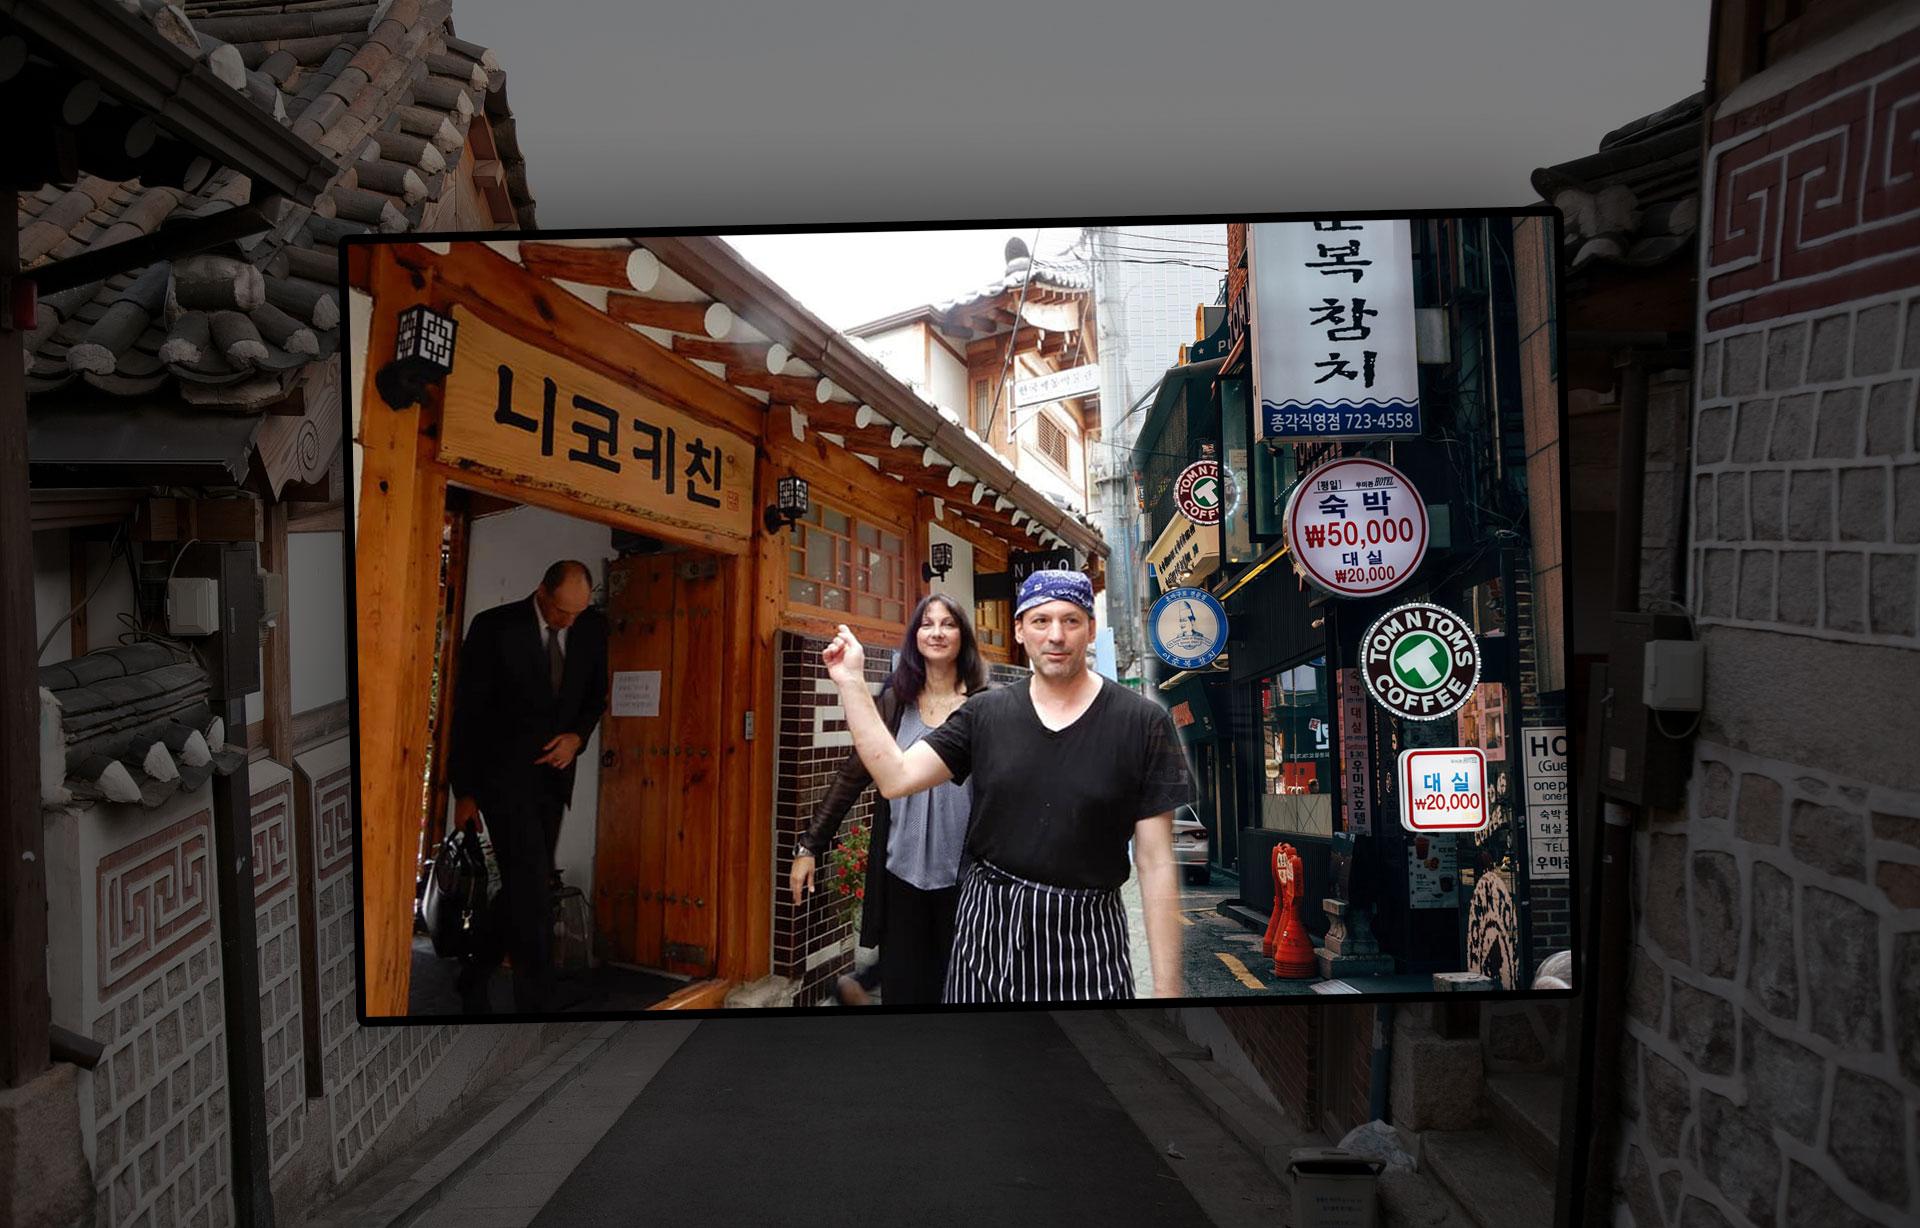 Συνέντευξη με τον ΝικόλαΚορδώνια, Σεούλ, Νότια Κορέα